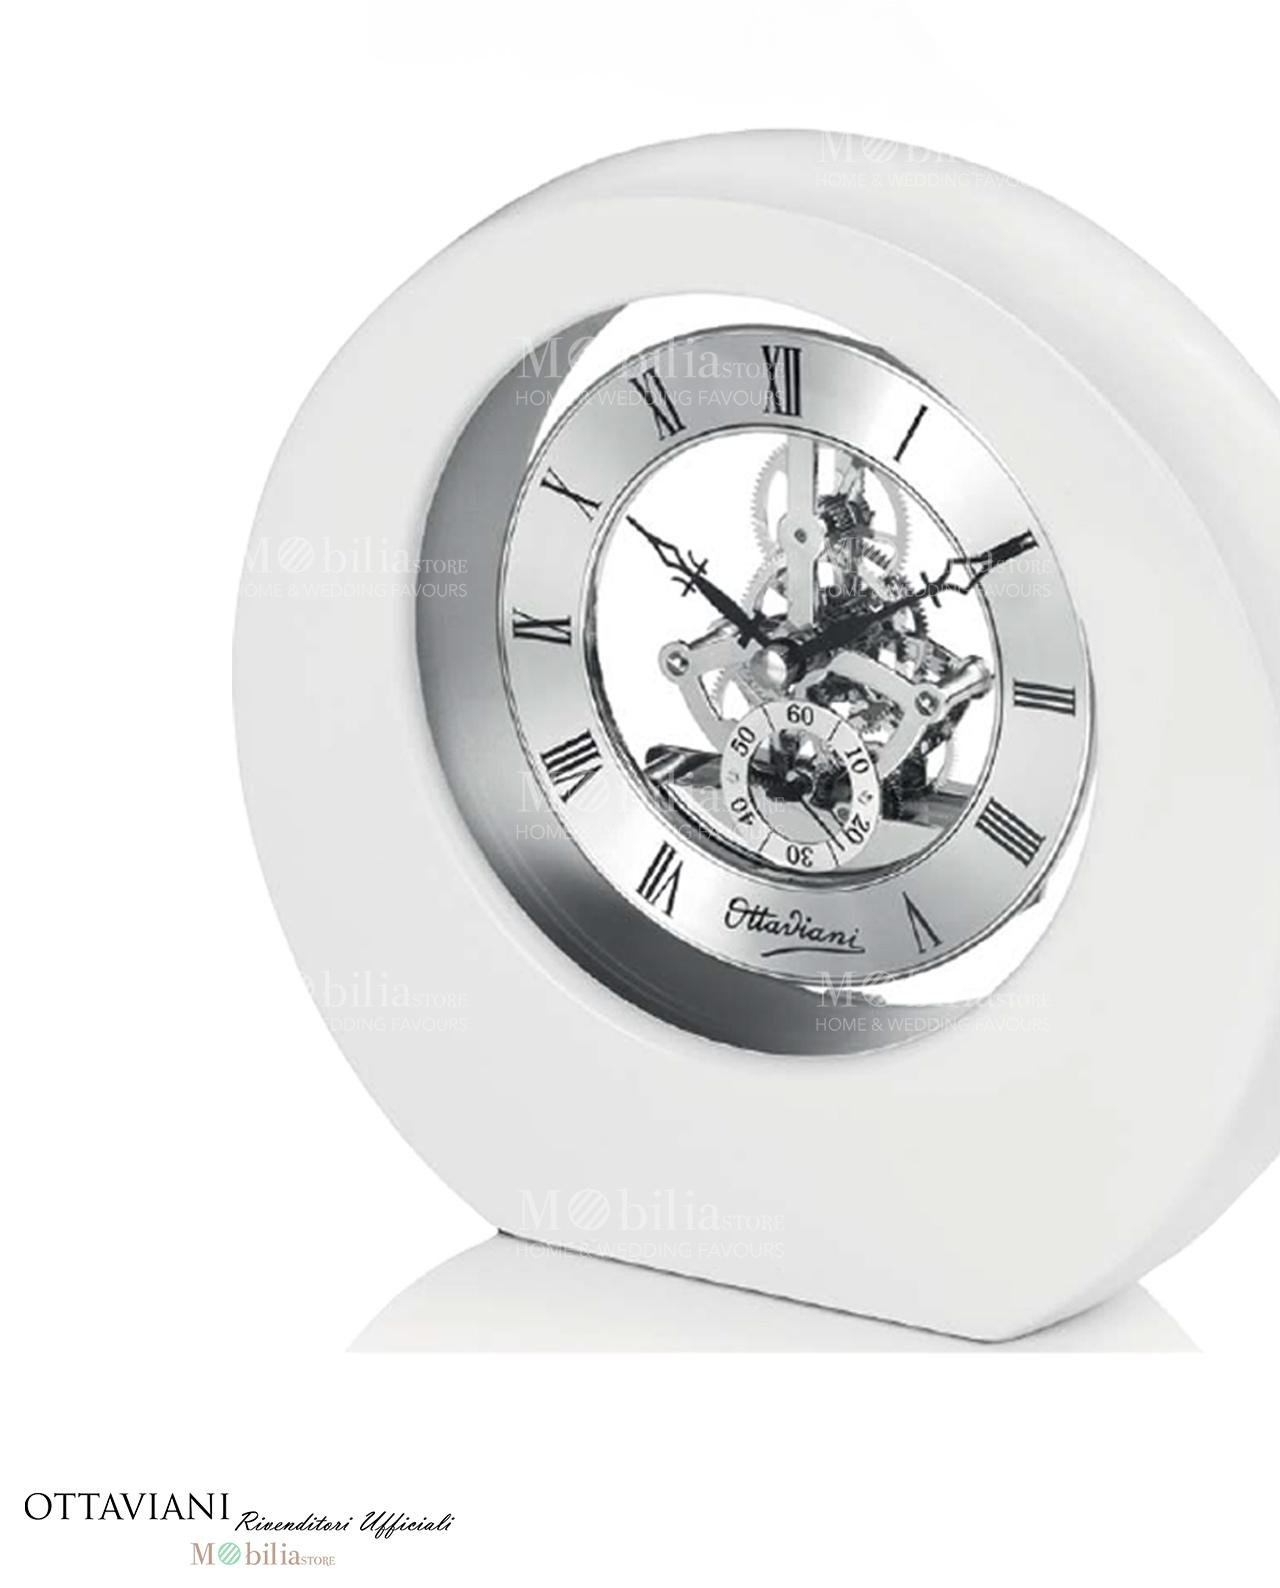 Orologio da tavolo grandi legno laccato bianco ottaviani - Ottaviani orologio da tavolo ...